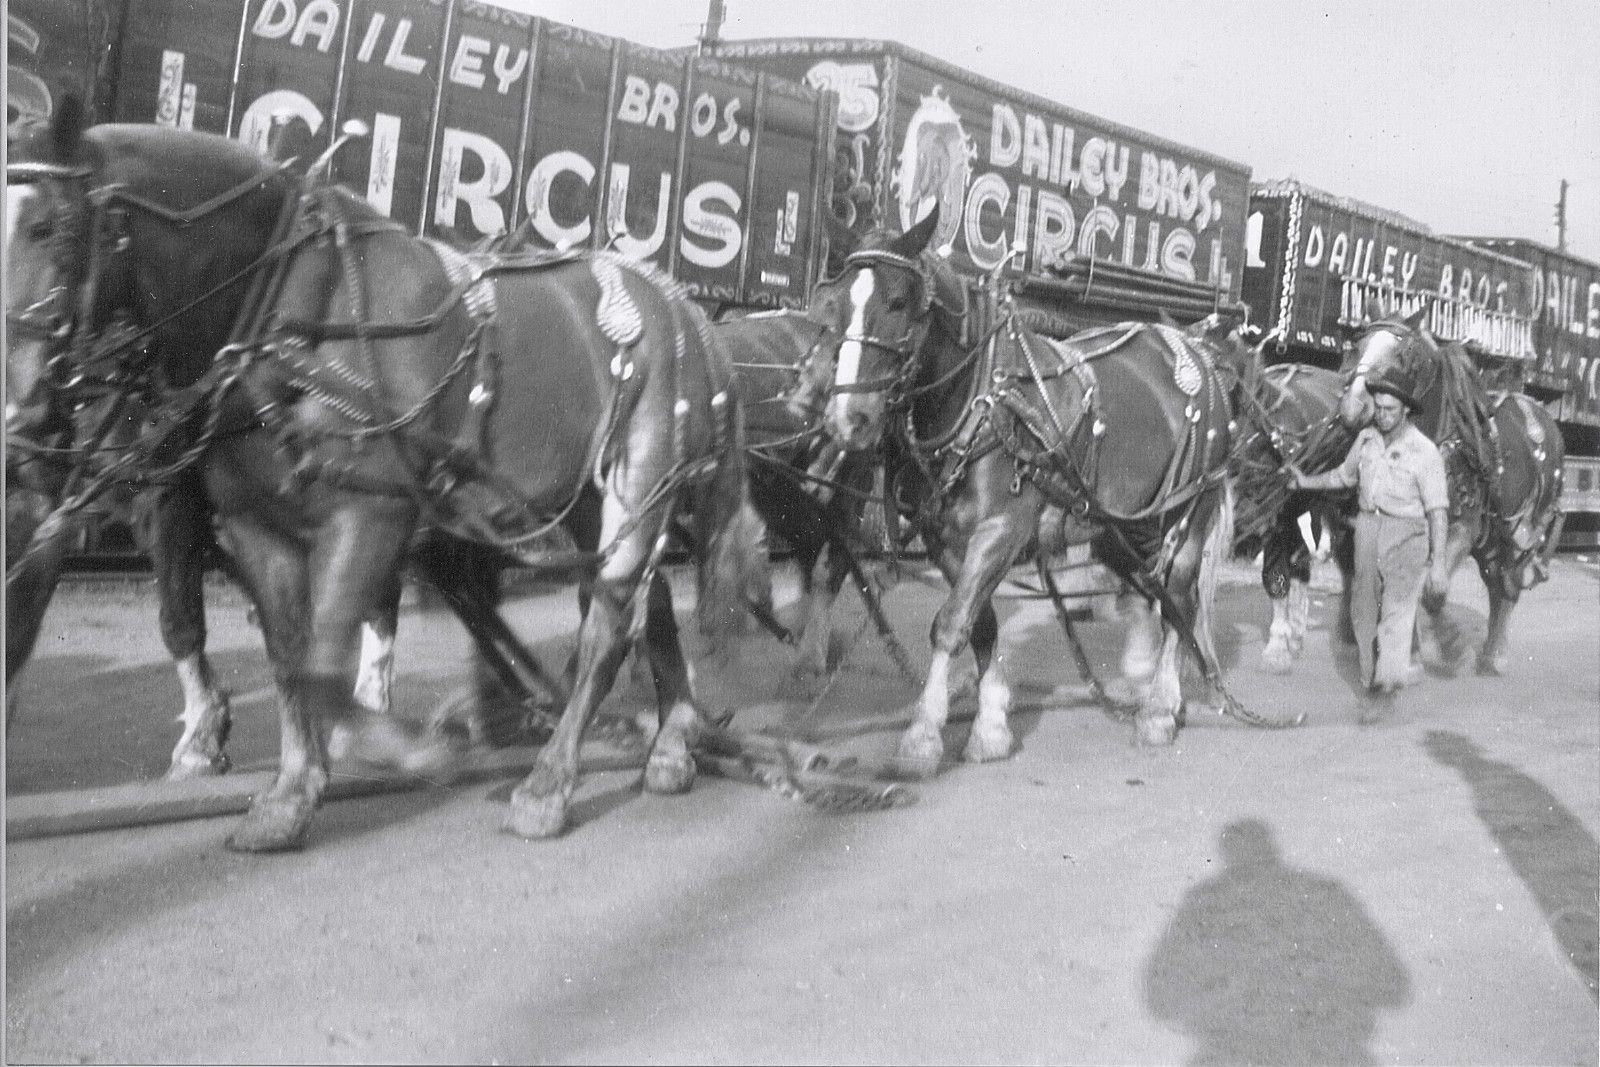 Dailey Bros Circus 1960